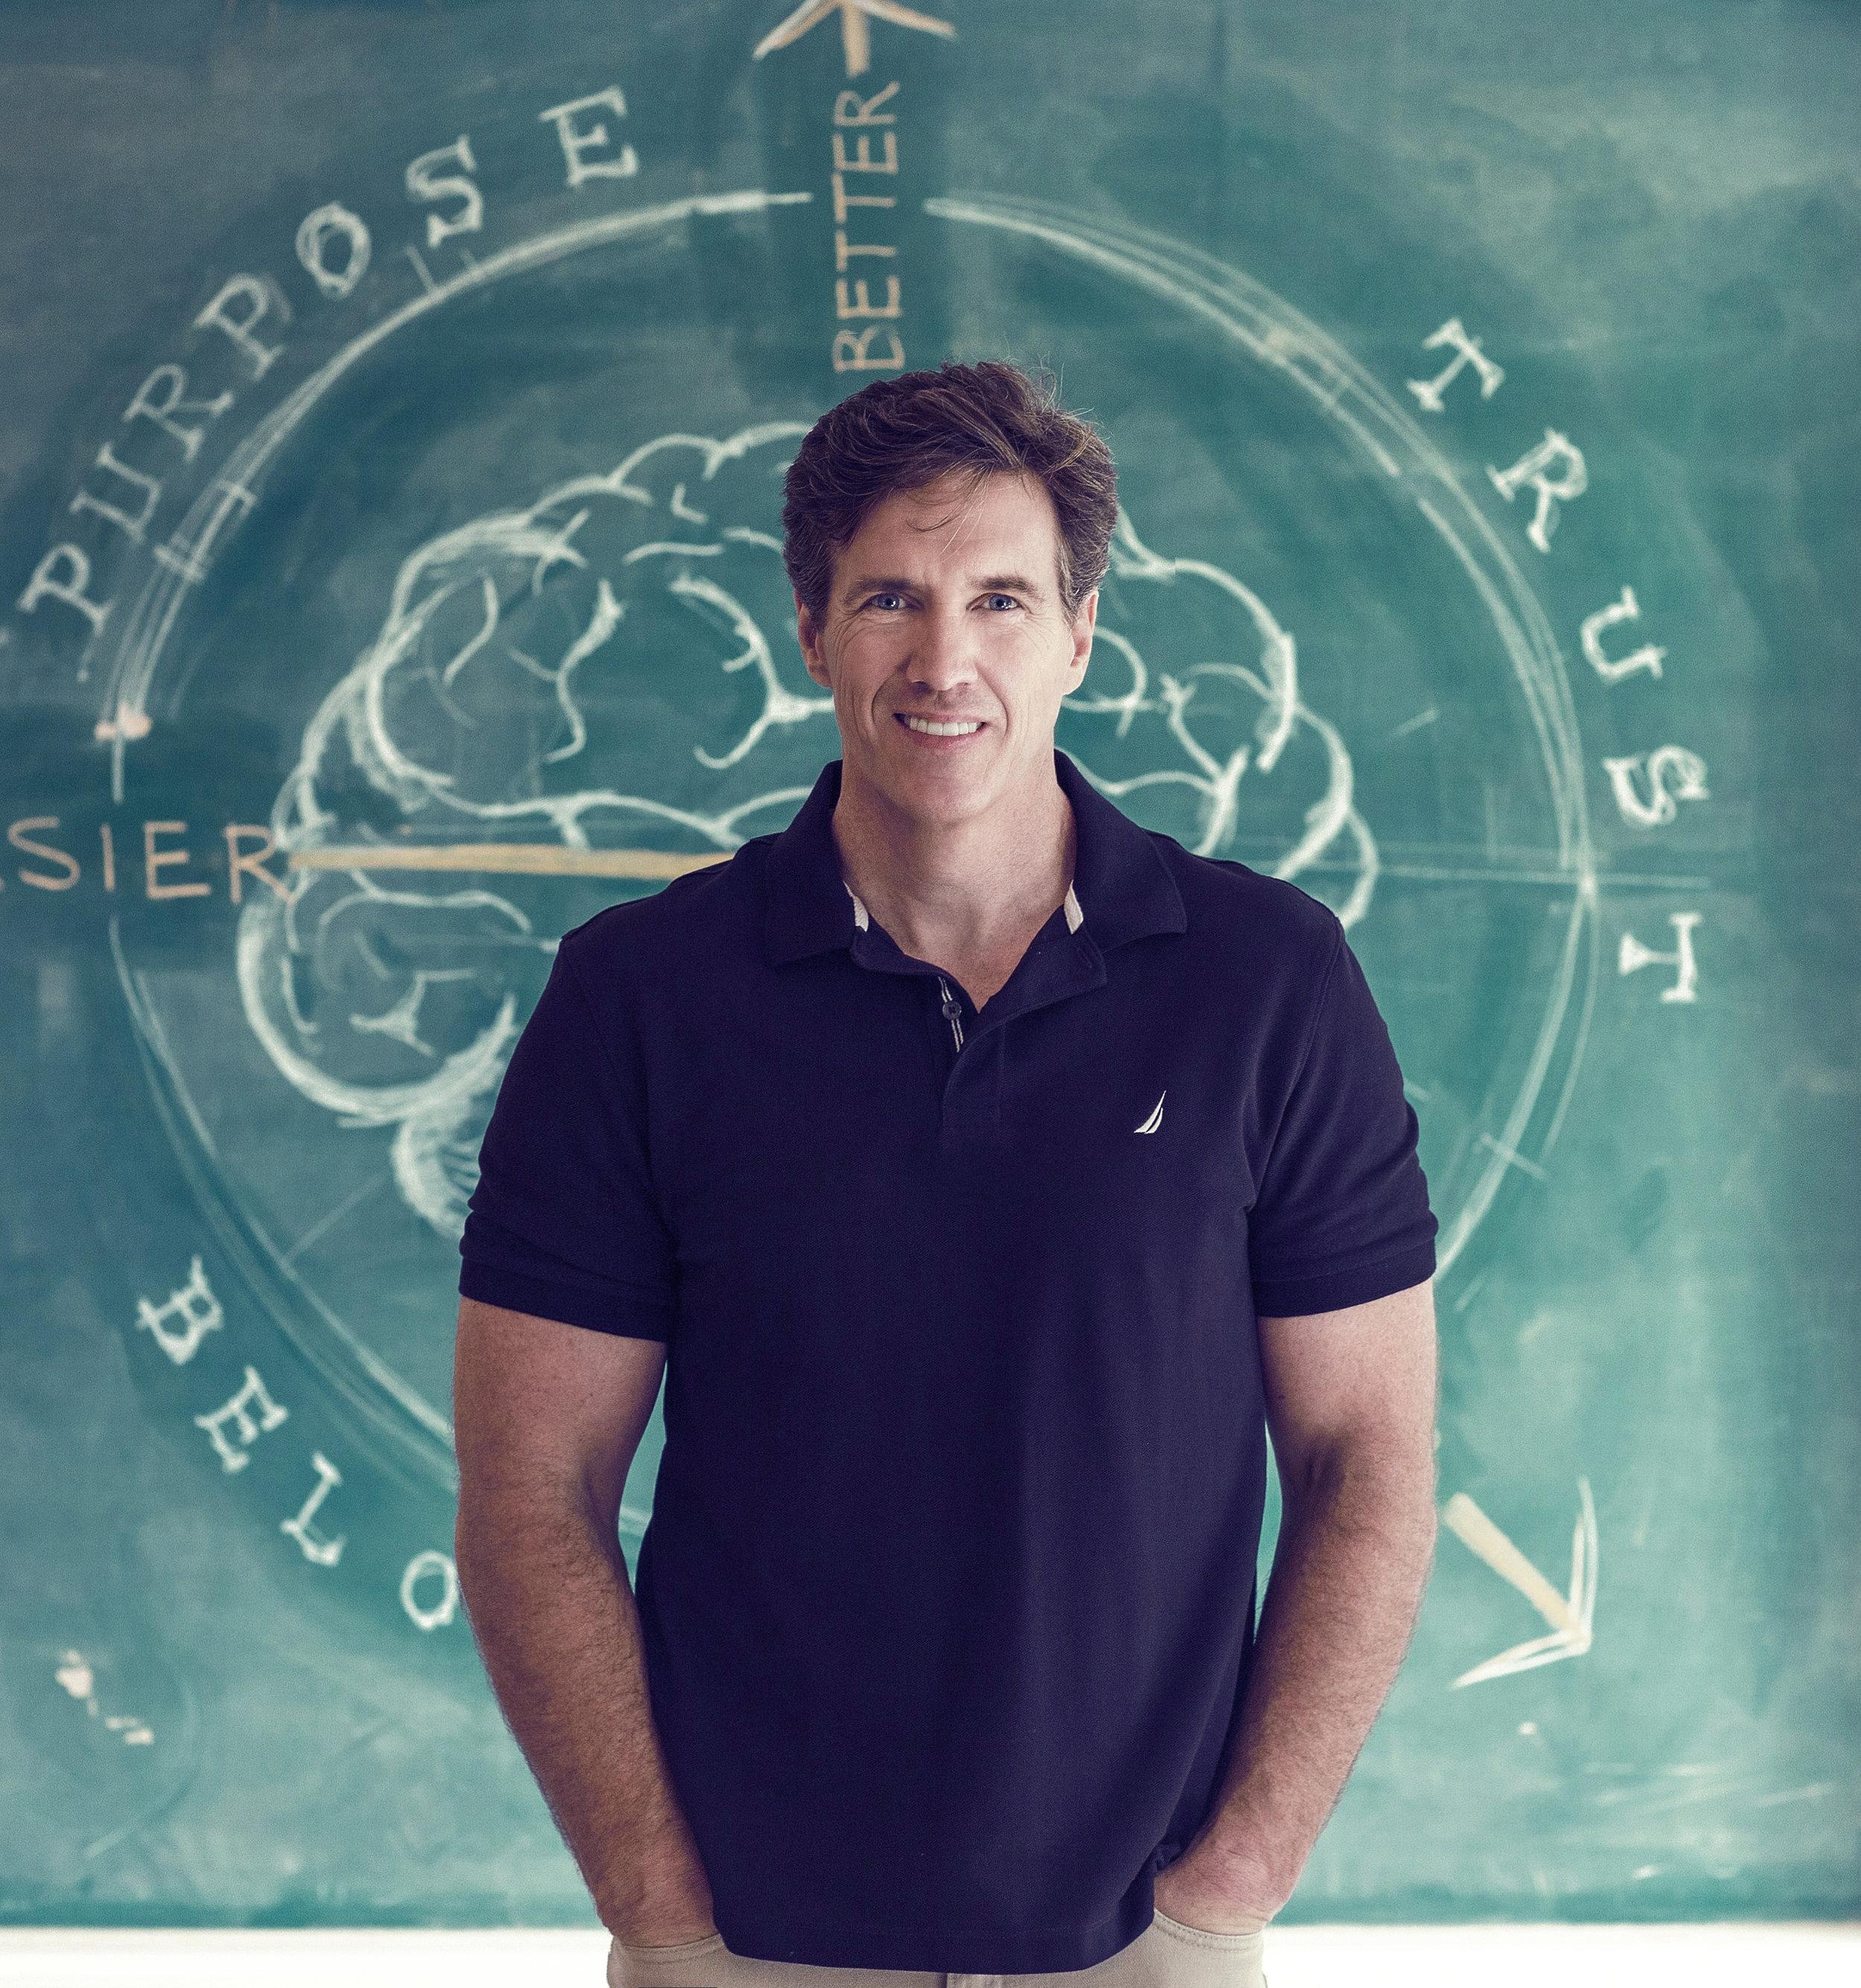 chalkboard4.jpg